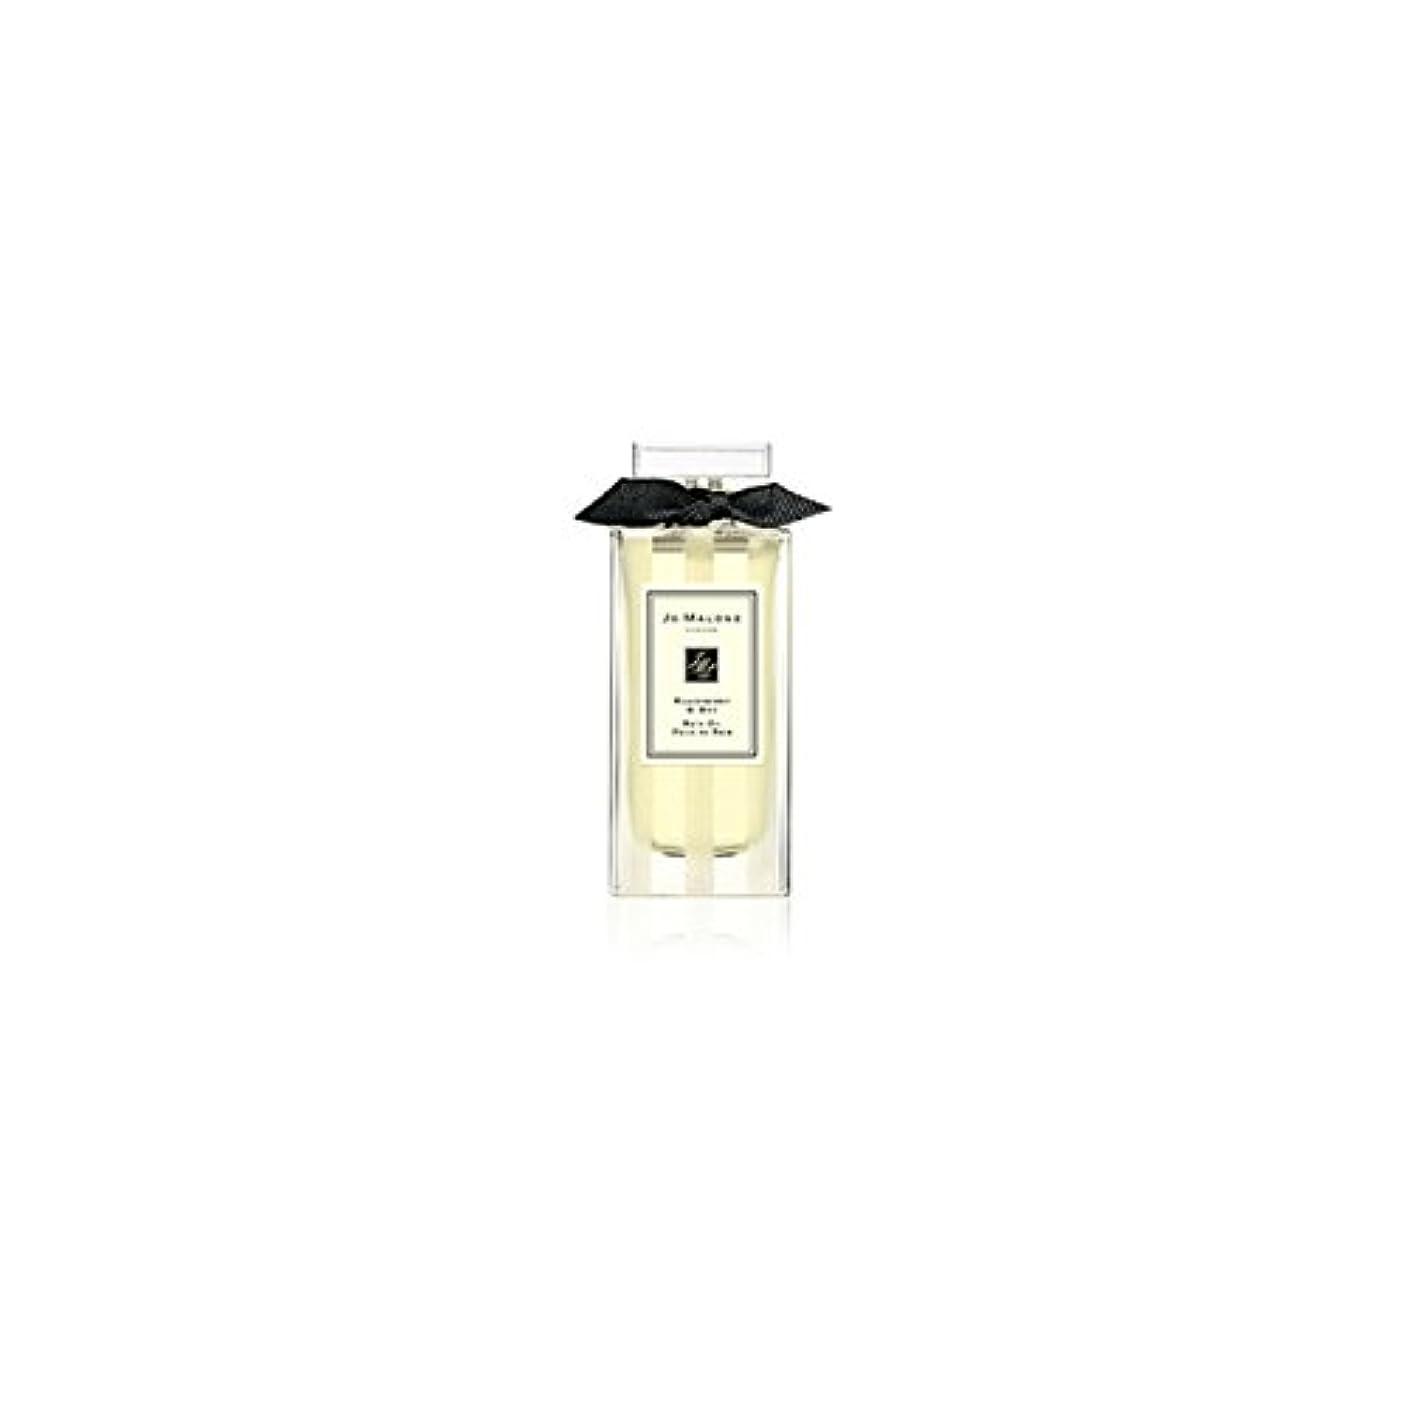 ドラフト魂固執ジョーマローンブラックベリー&ベイバスオイル - 30ミリリットル - Jo Malone Blackberry & Bay Bath Oil - 30ml (Jo Malone) [並行輸入品]